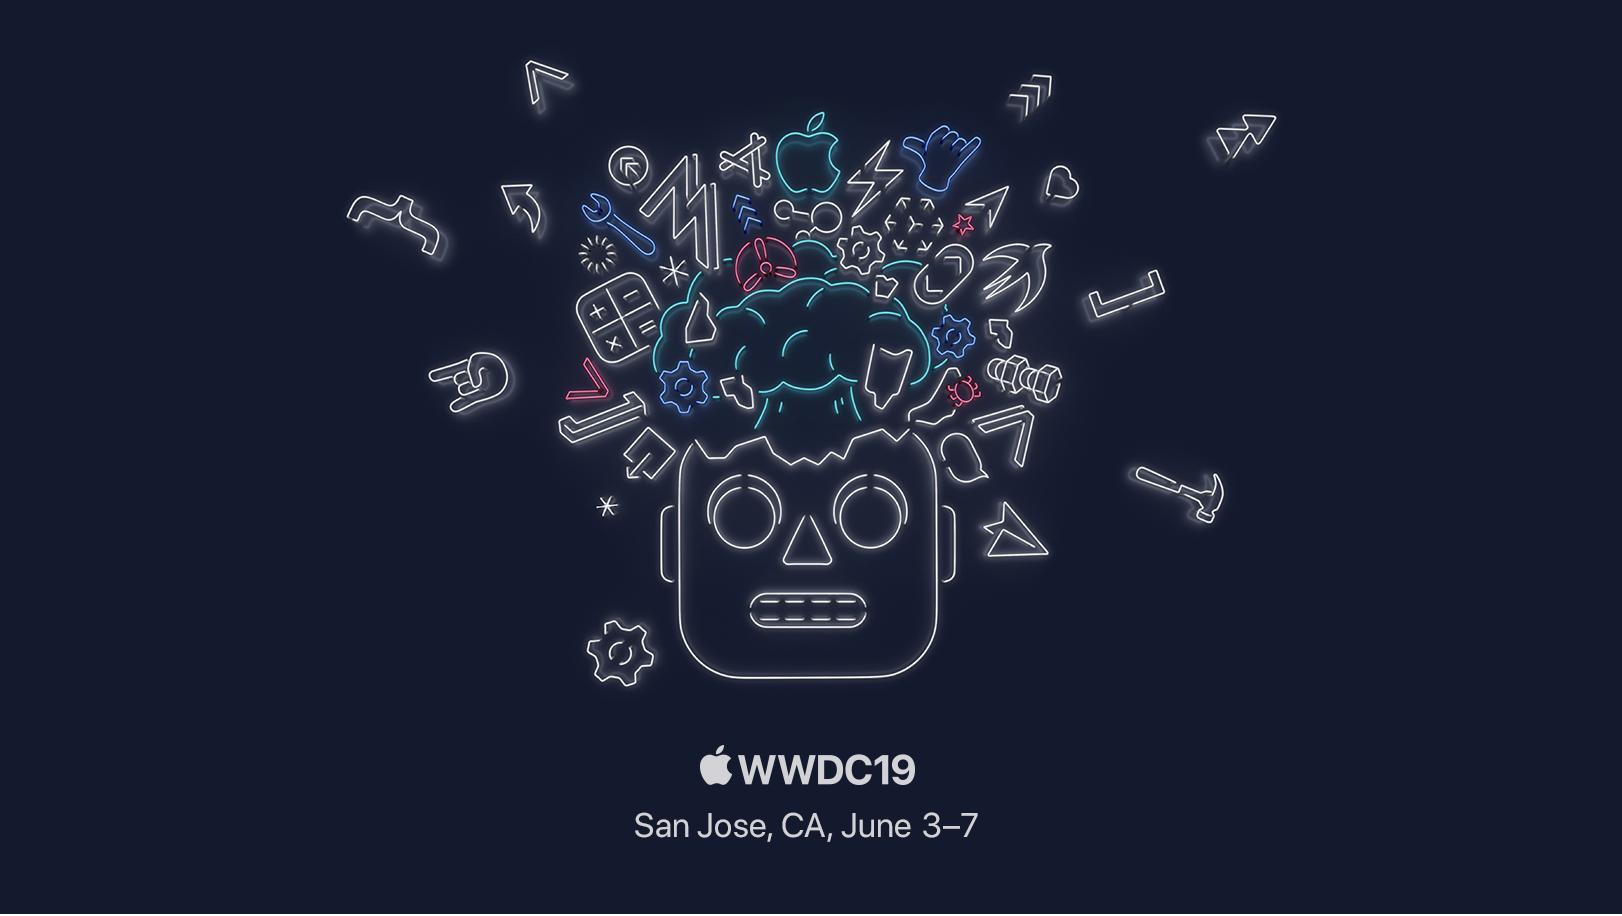 Apple to host 2019 WWDC June 3-7